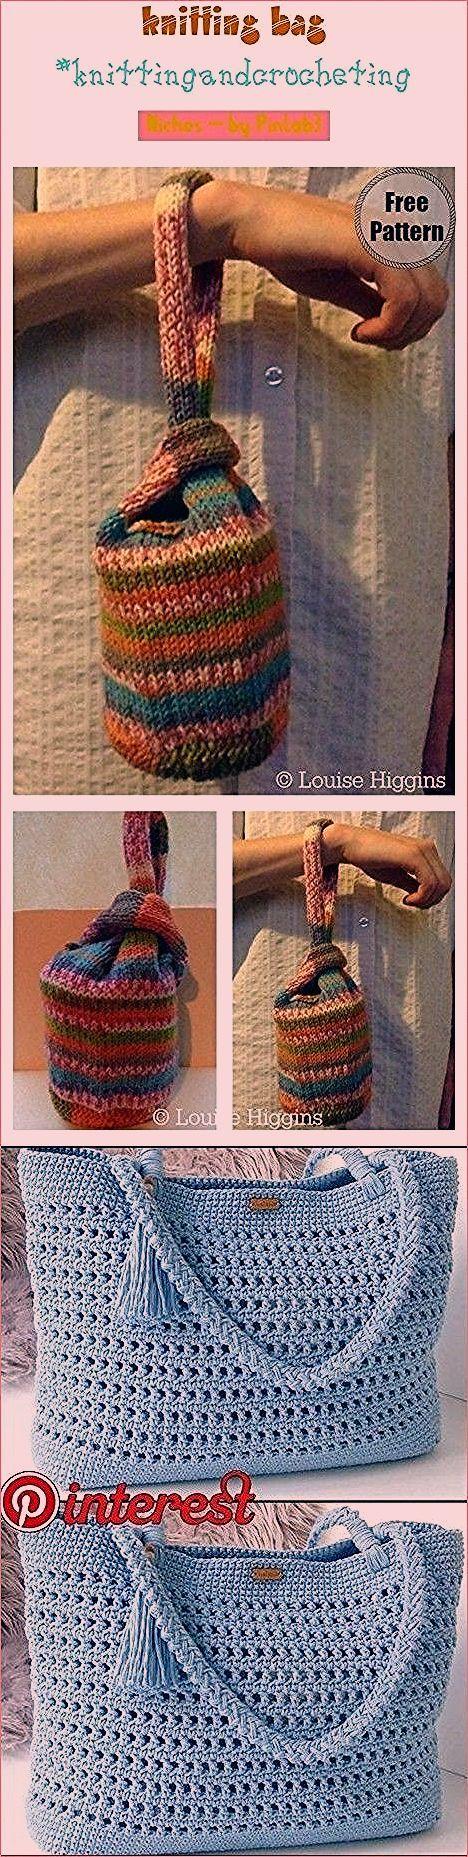 #knitting #bag knitting bag #knittingandcrocheting #diy ...